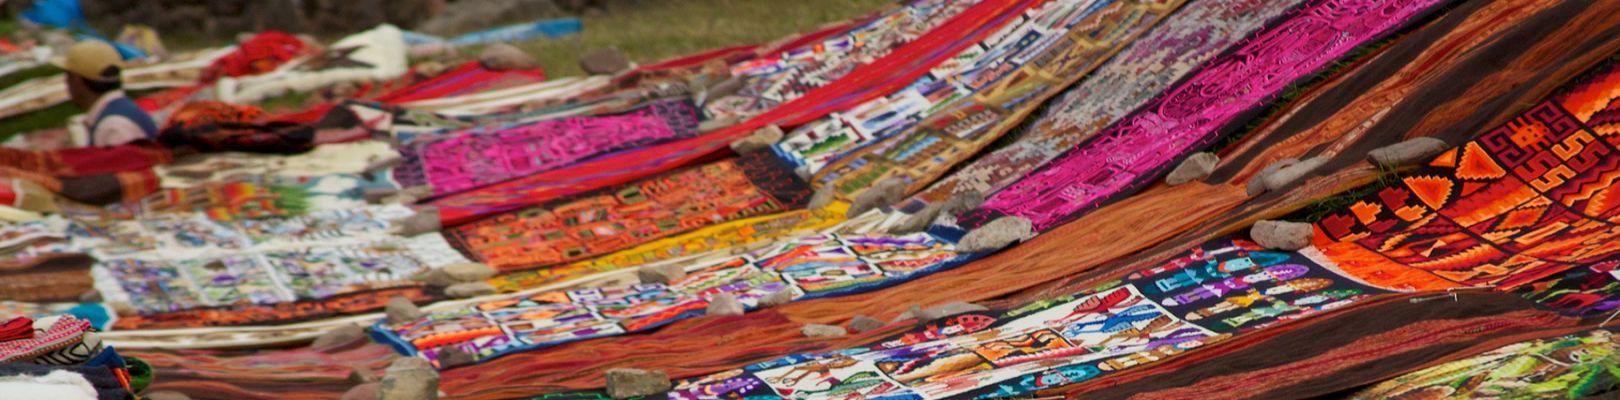 voyage pérou bolivie - artisanat andin